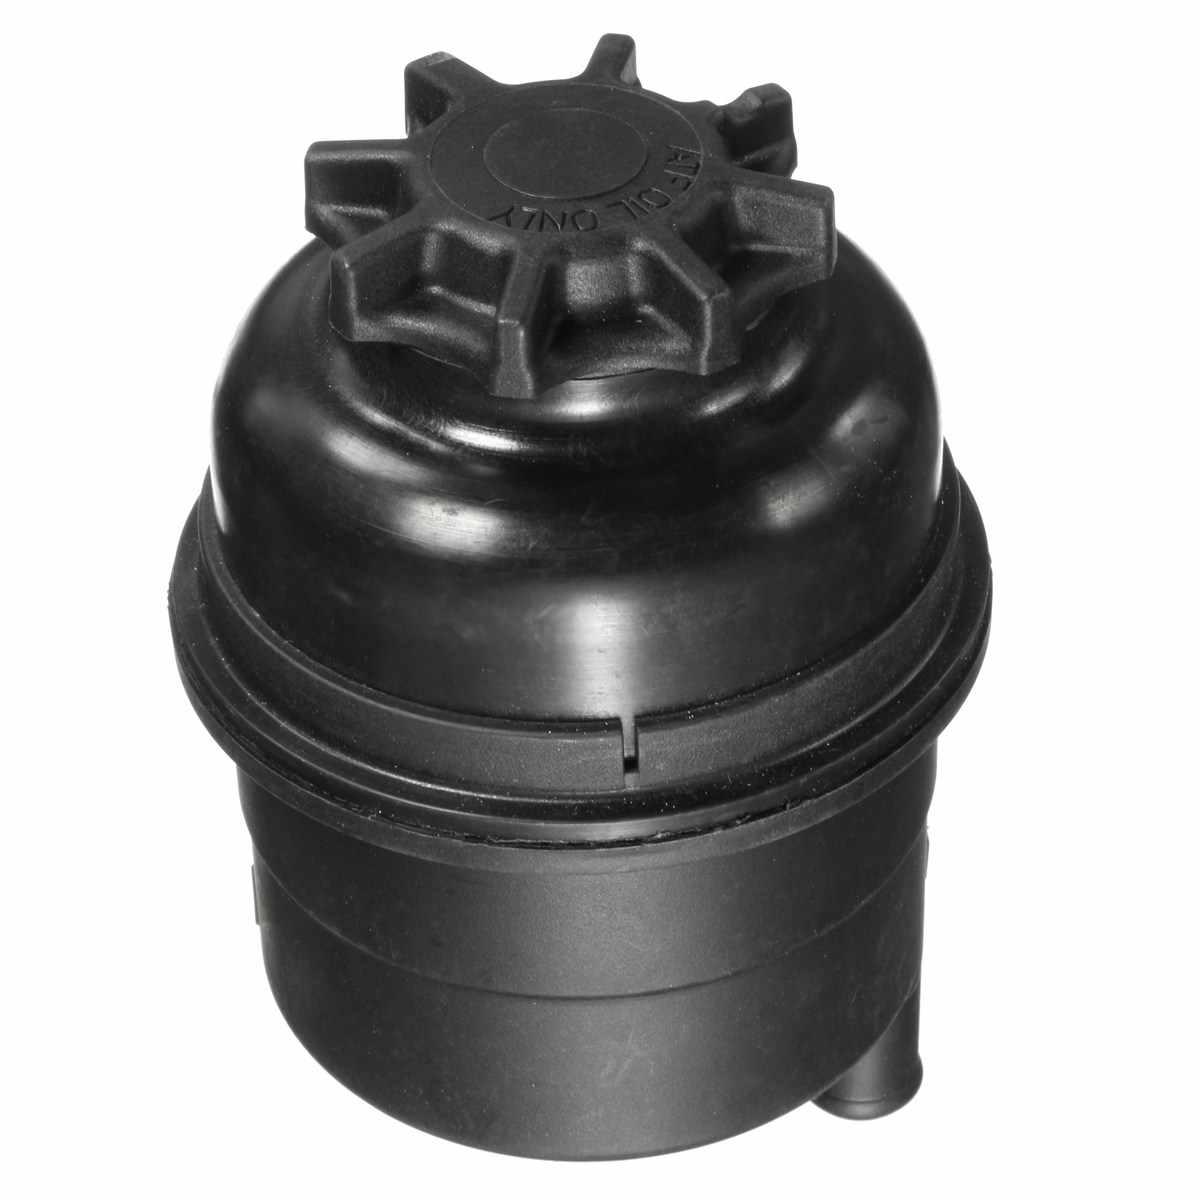 32411124680 Power Steering Fluid Reservoir Bottle Cap For Bmw E38 E39 E46 E60 E63 X3 X5 Z3 Power Steering Pumps Parts Aliexpress